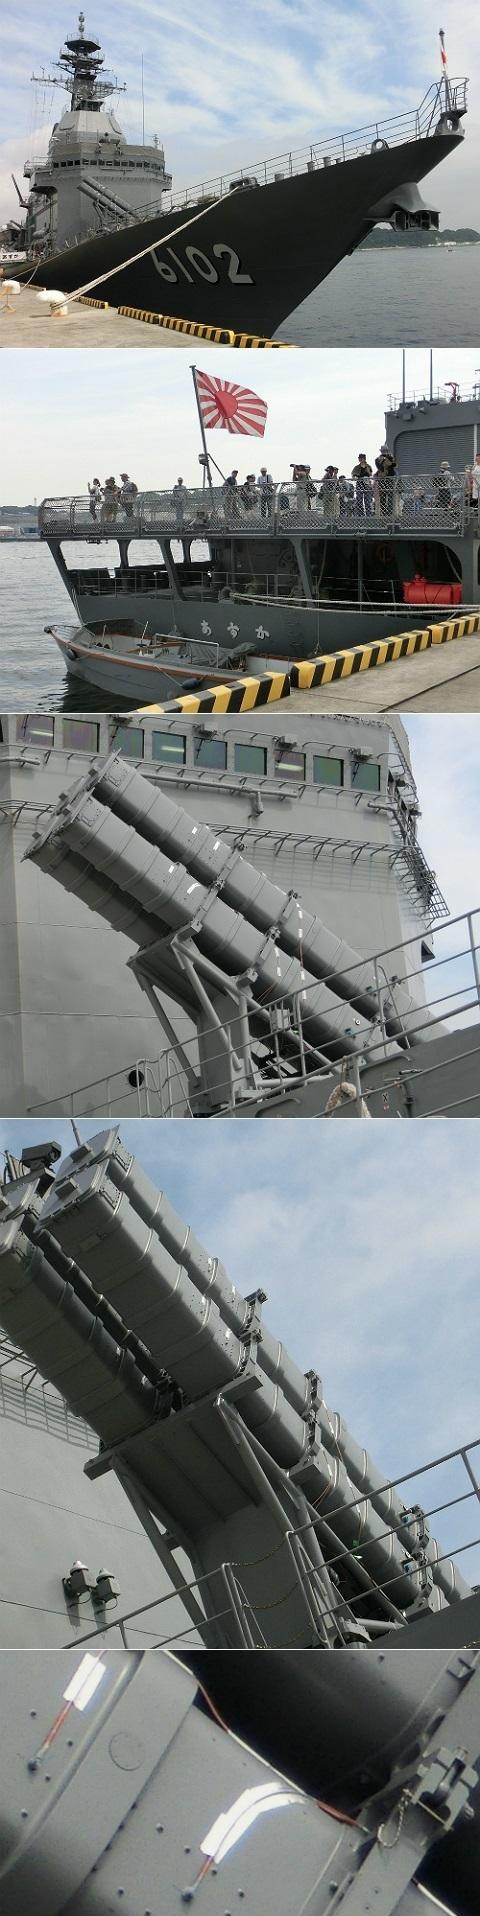 試験艦あすか ASE6102